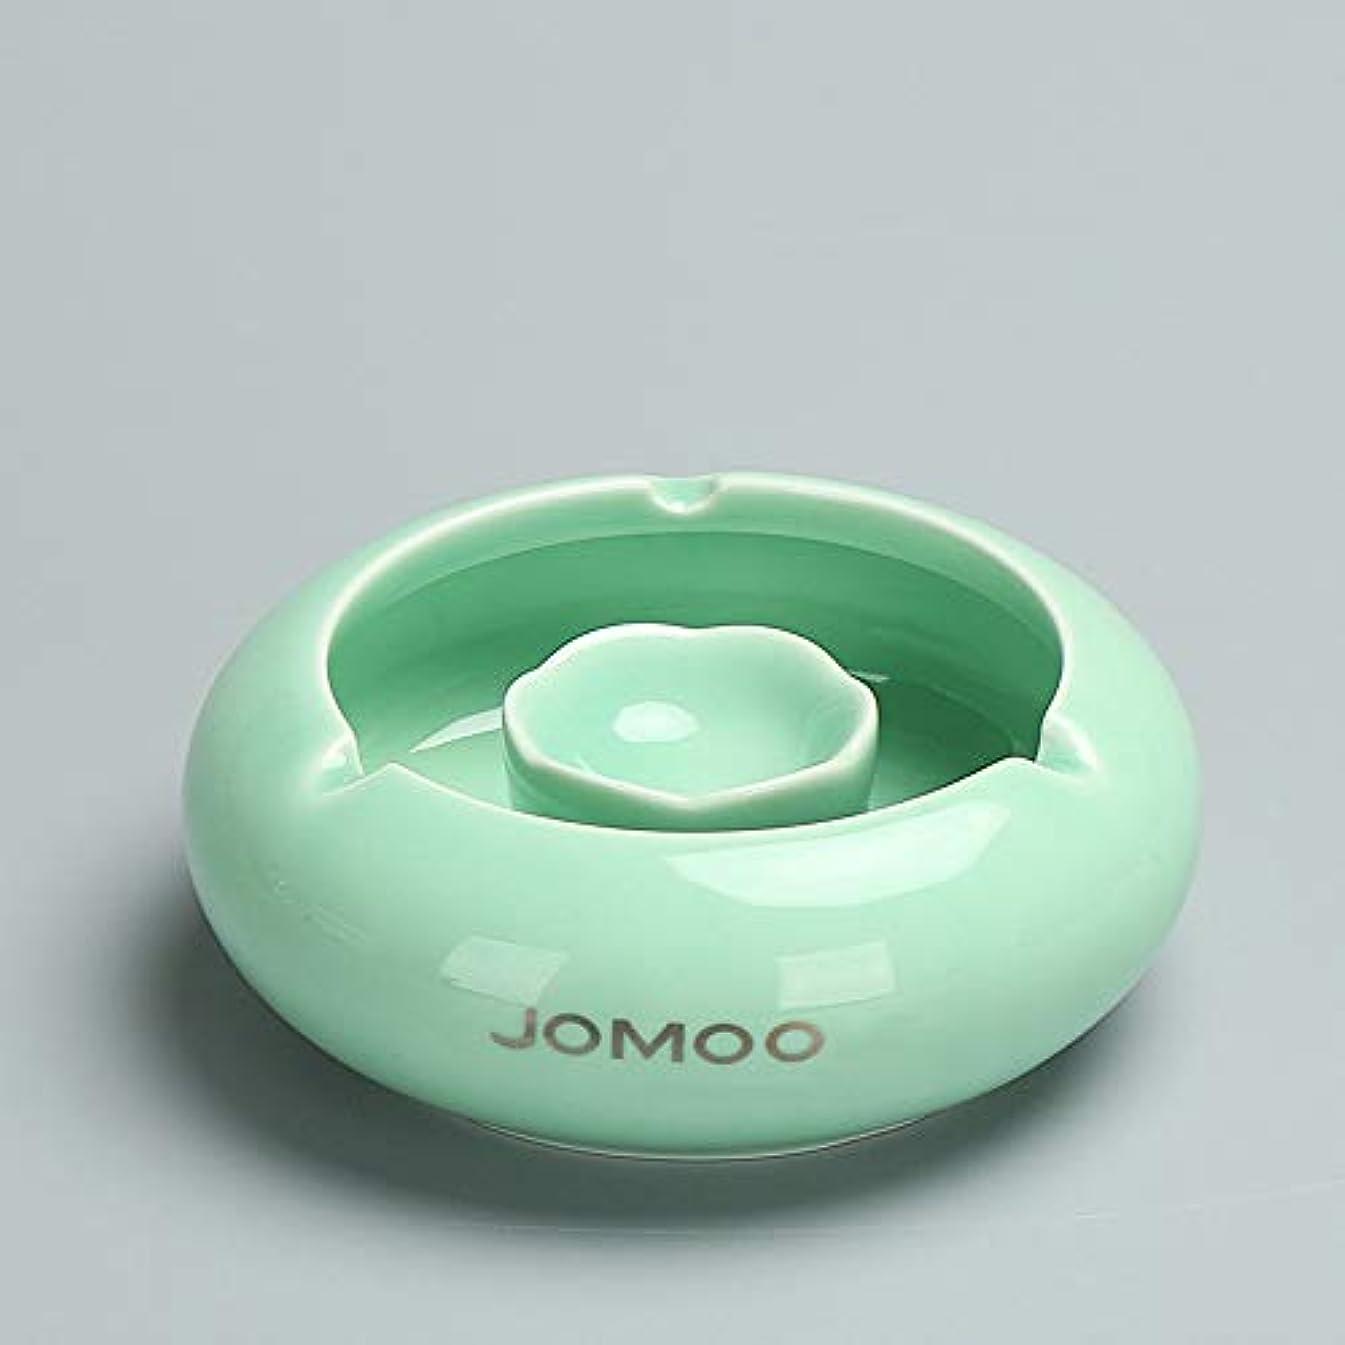 ひばりおとこ発信タバコ、ギフトおよび総本店の装飾のための灰皿円形の光沢のあるセラミック灰皿 (色 : 緑)